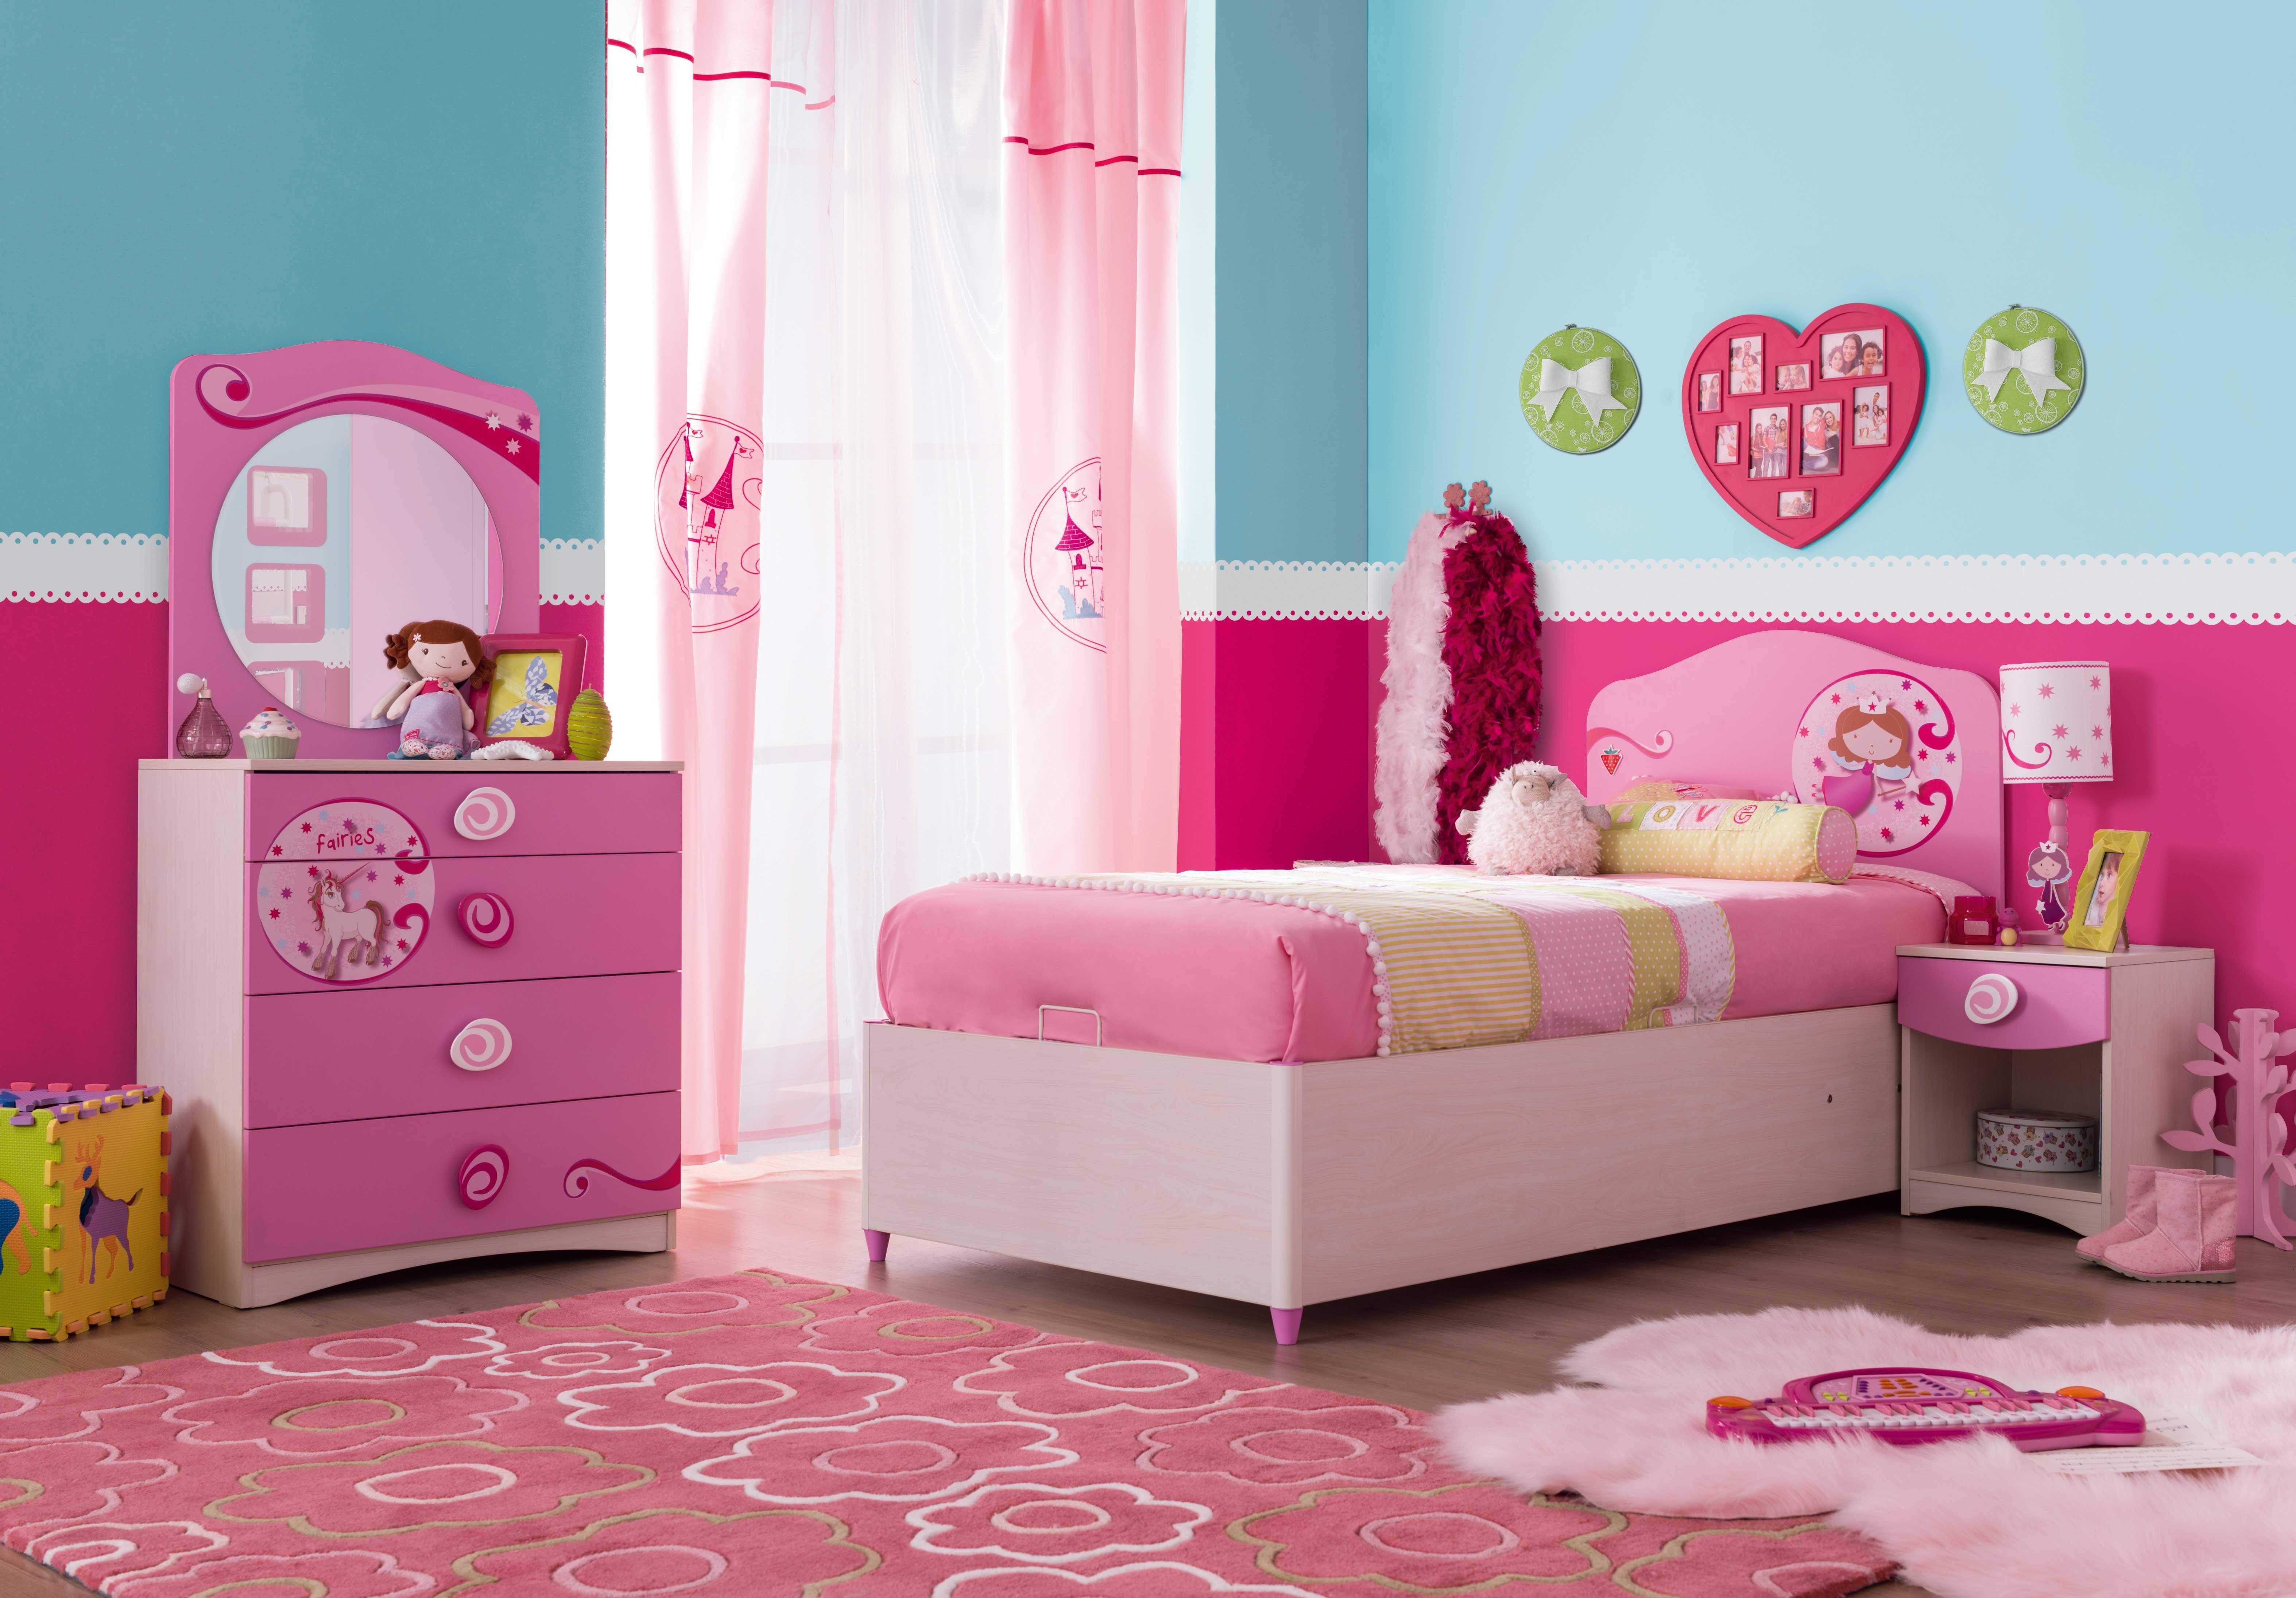 Cilek PRINCESS Mädchenzimmer, 4teilig (mit Bildern